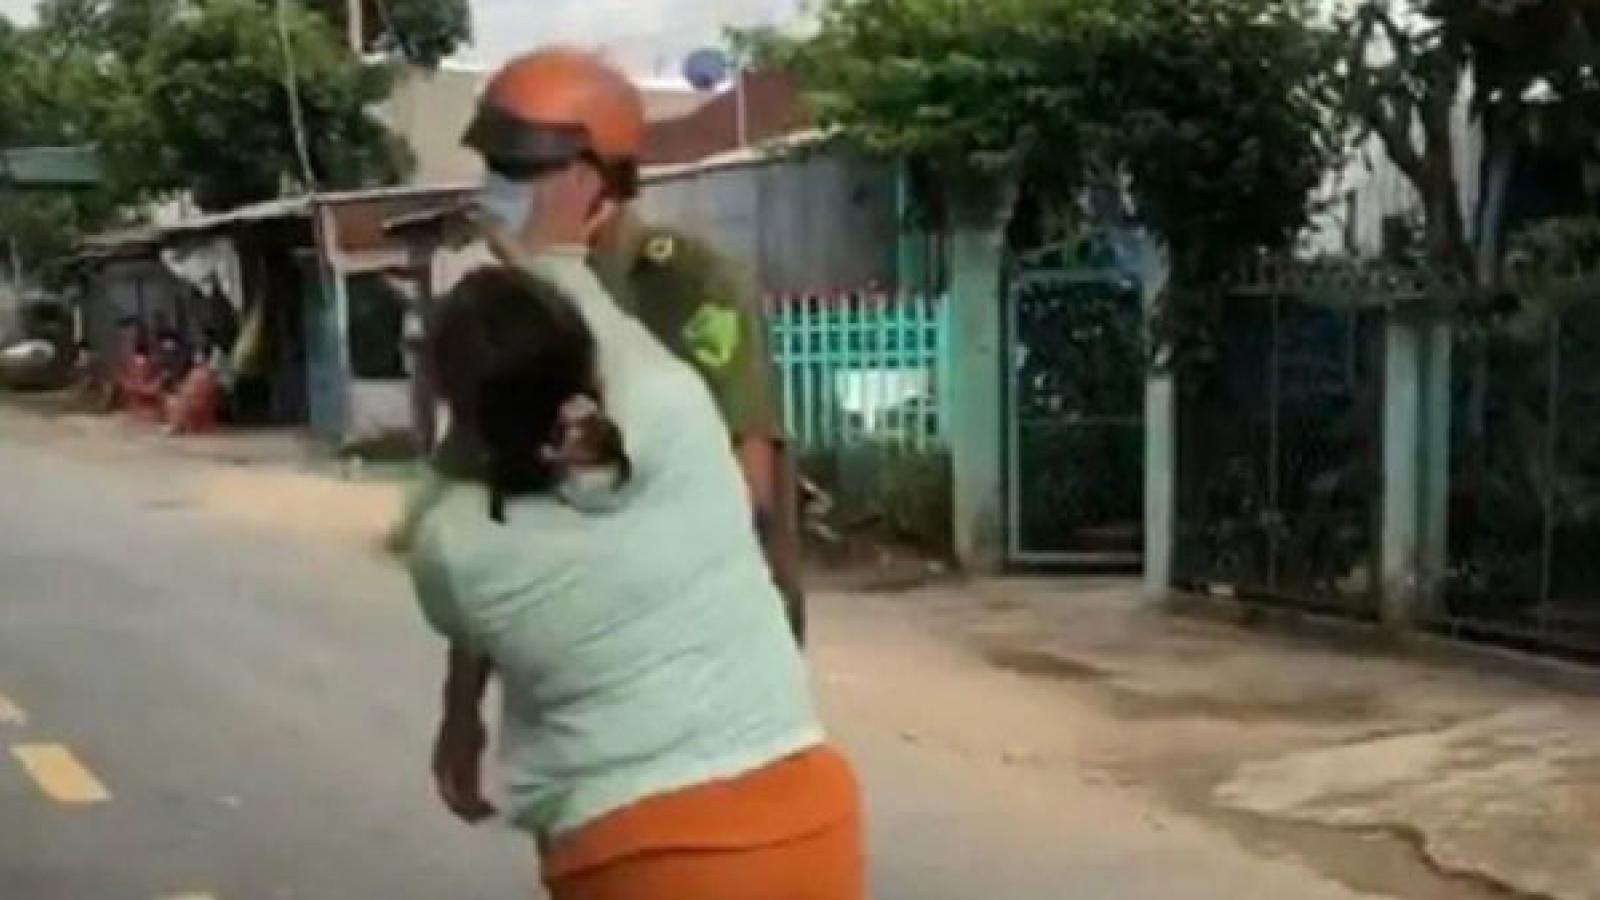 Nóng 24h: Người phụ nữ chửi bới, đánh công an vì chồng bị lập biên bản